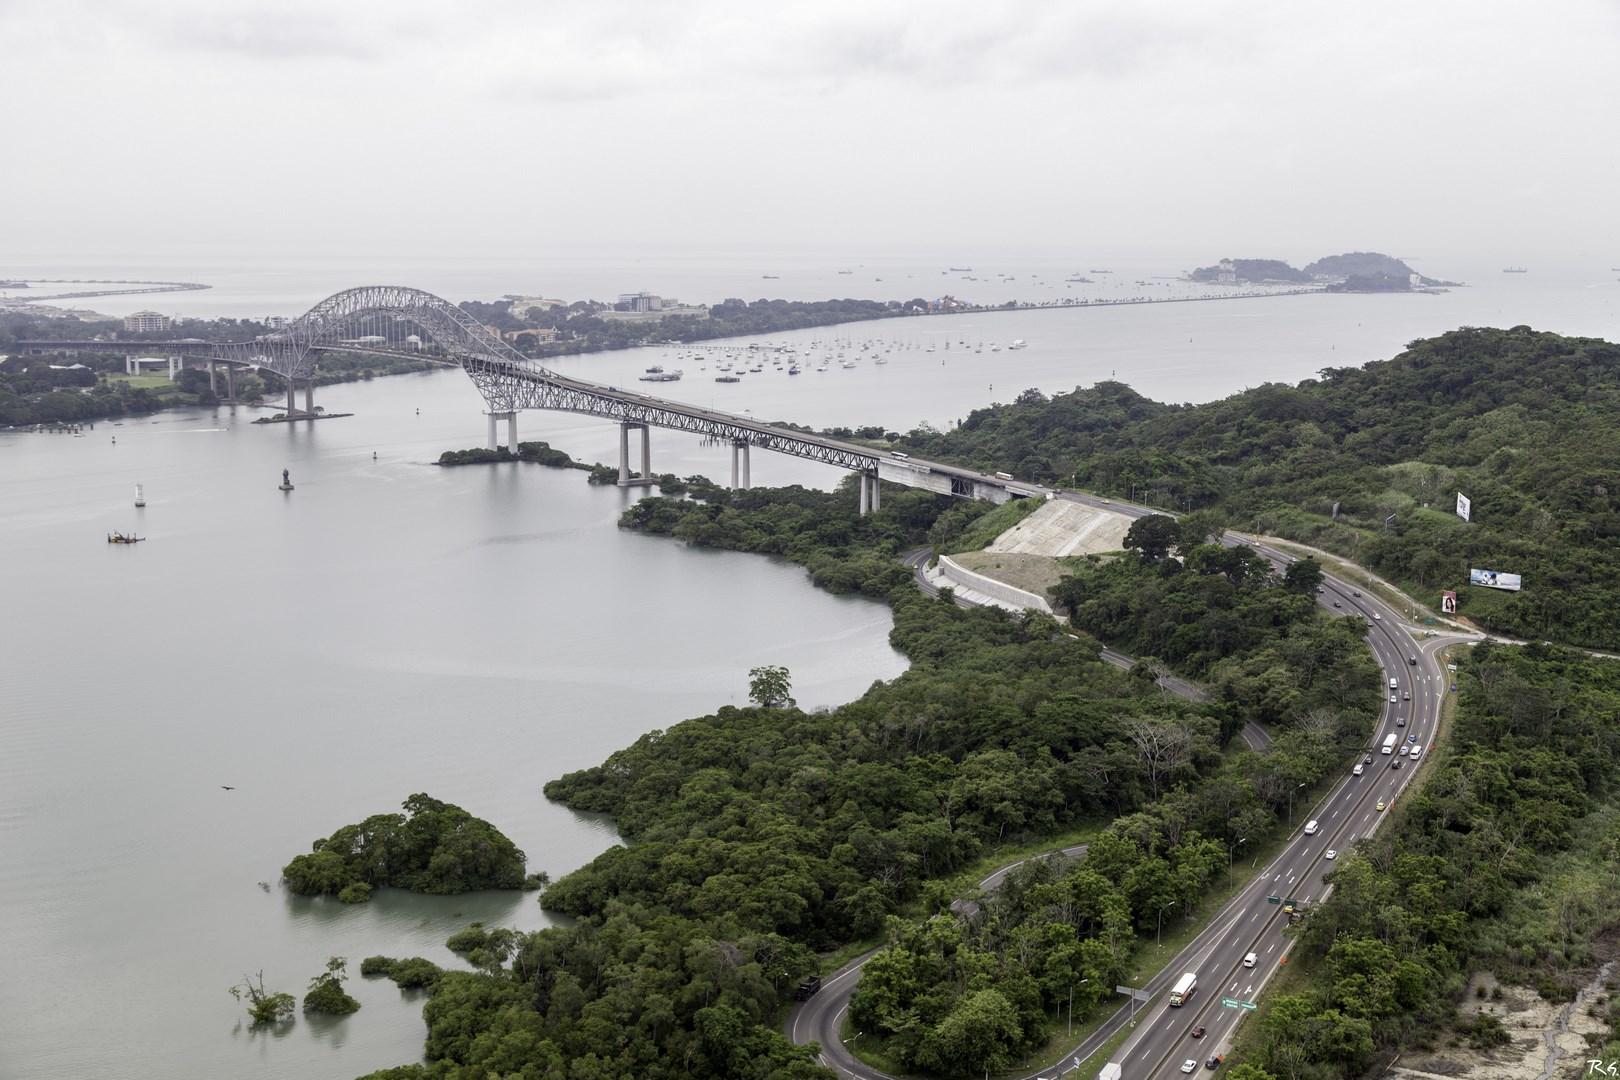 Vista aérea del puente de las Américas